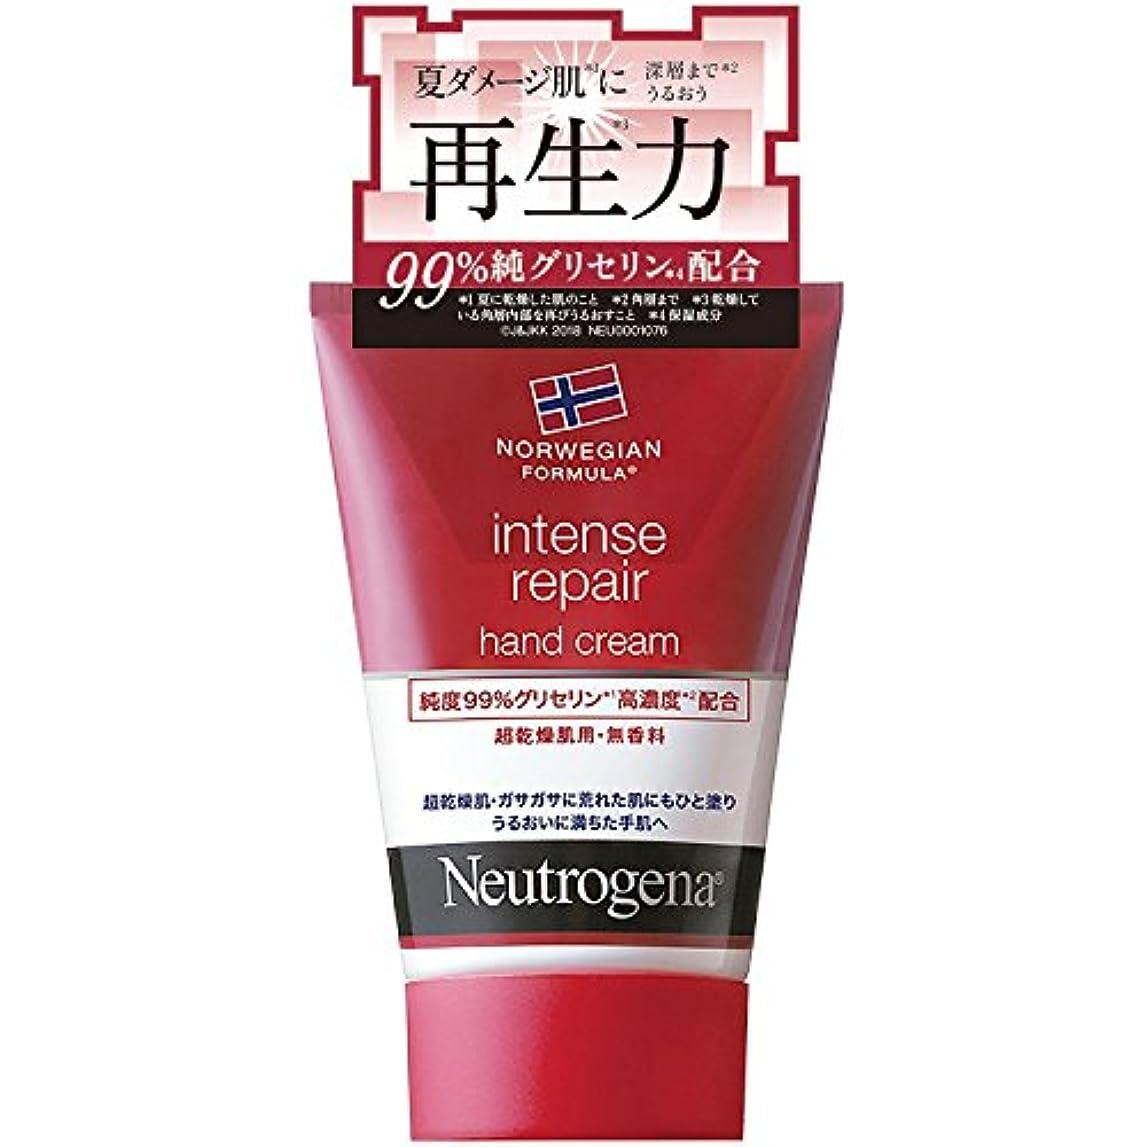 努力サーカス人差し指Neutrogena(ニュートロジーナ) ノルウェーフォーミュラ インテンスリペア ハンドクリーム 超乾燥肌用 無香料 単品 50g